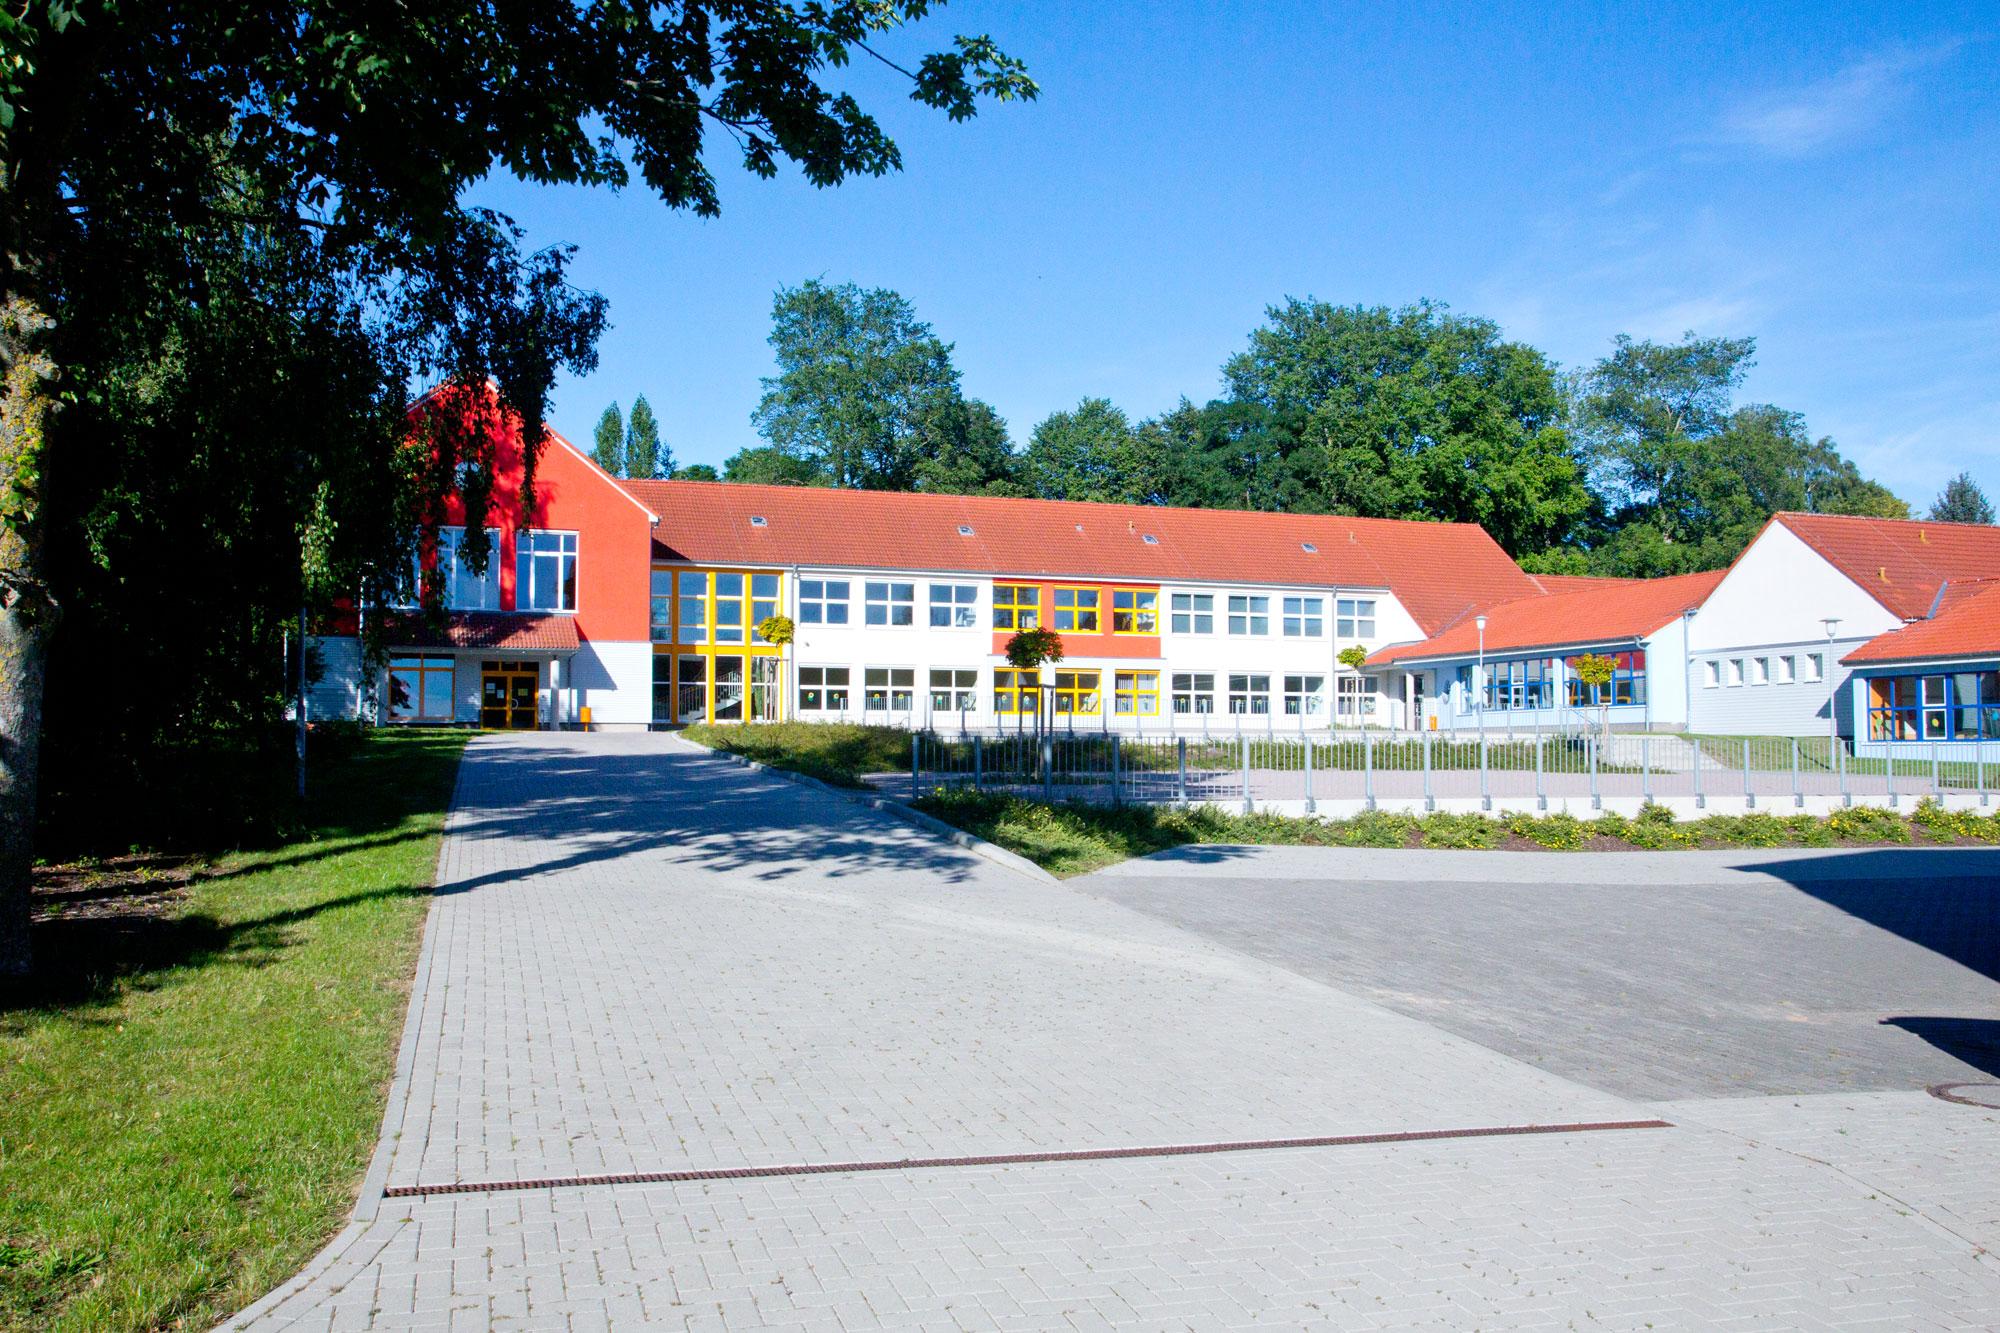 Schule_MG_7146_TG